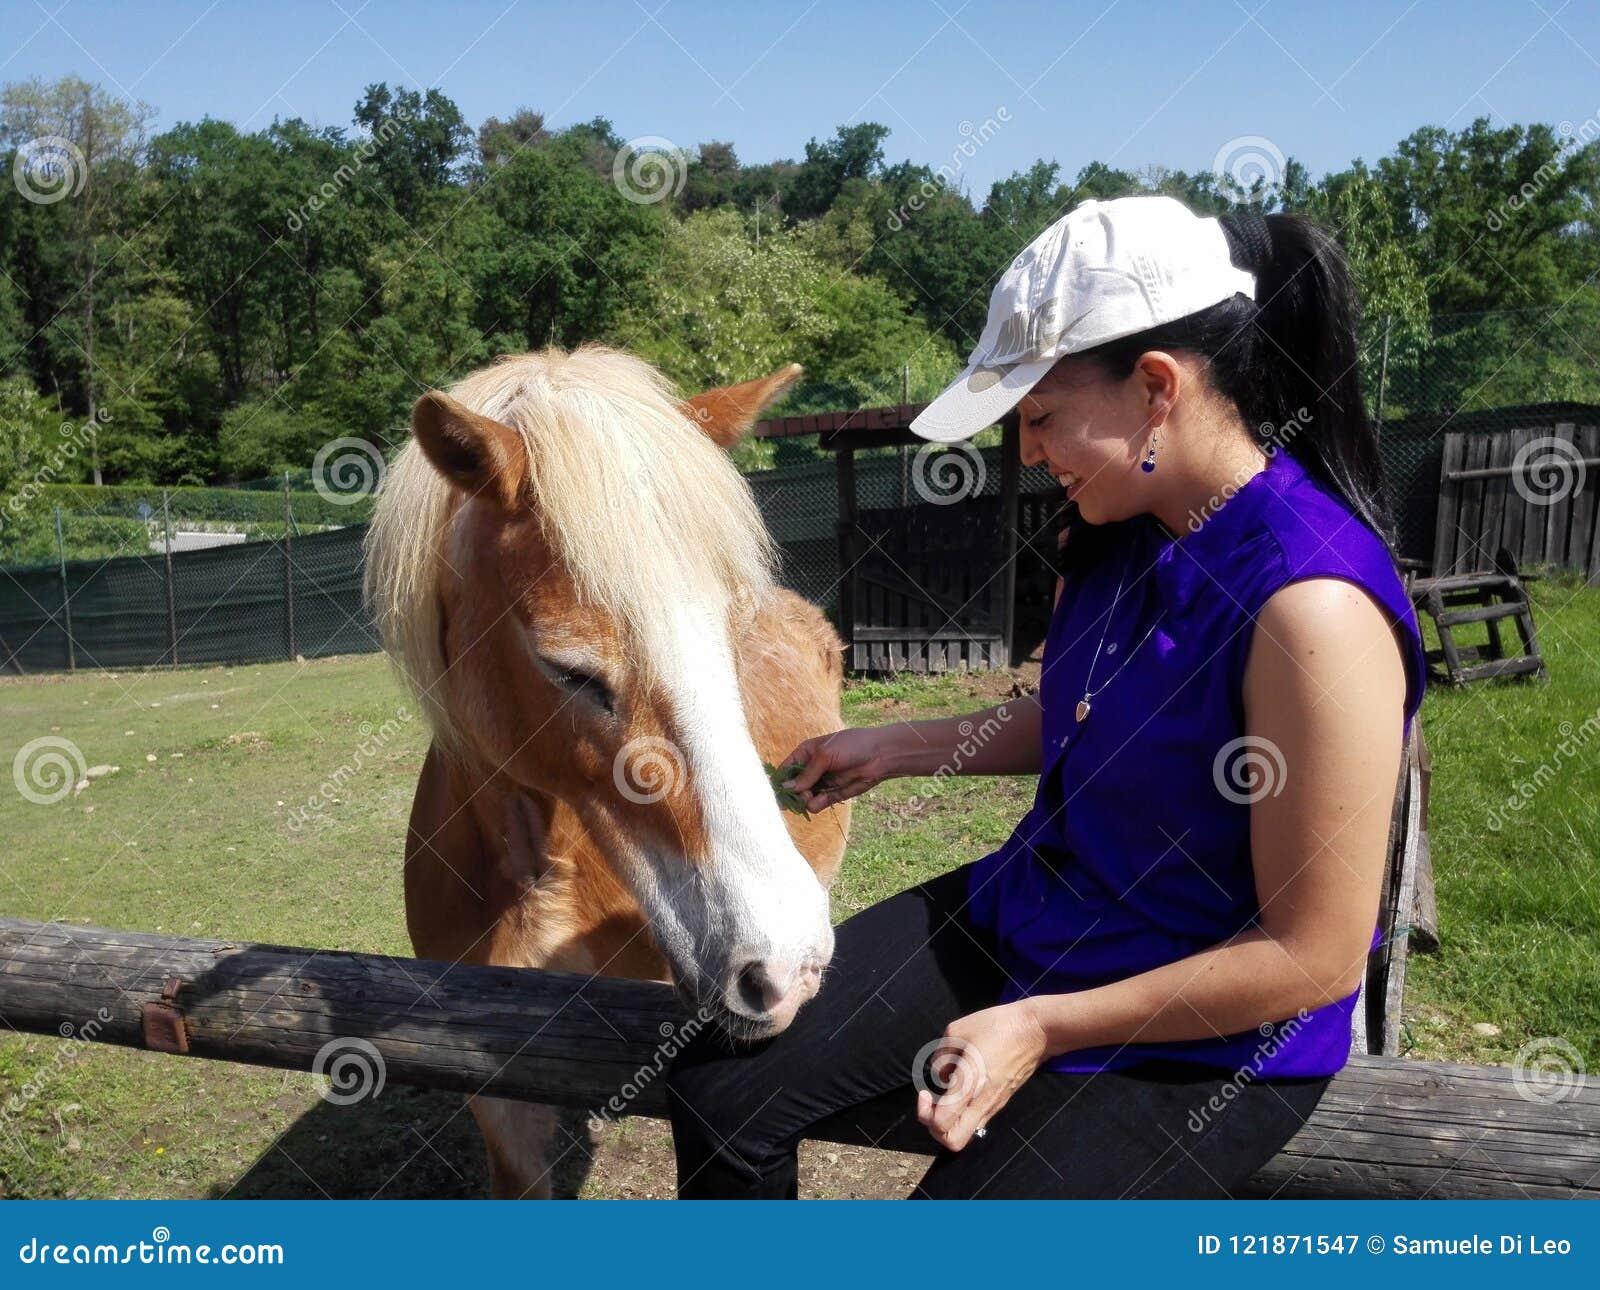 Junge Frau mit Pferd redaktionelles stockfotografie. Bild